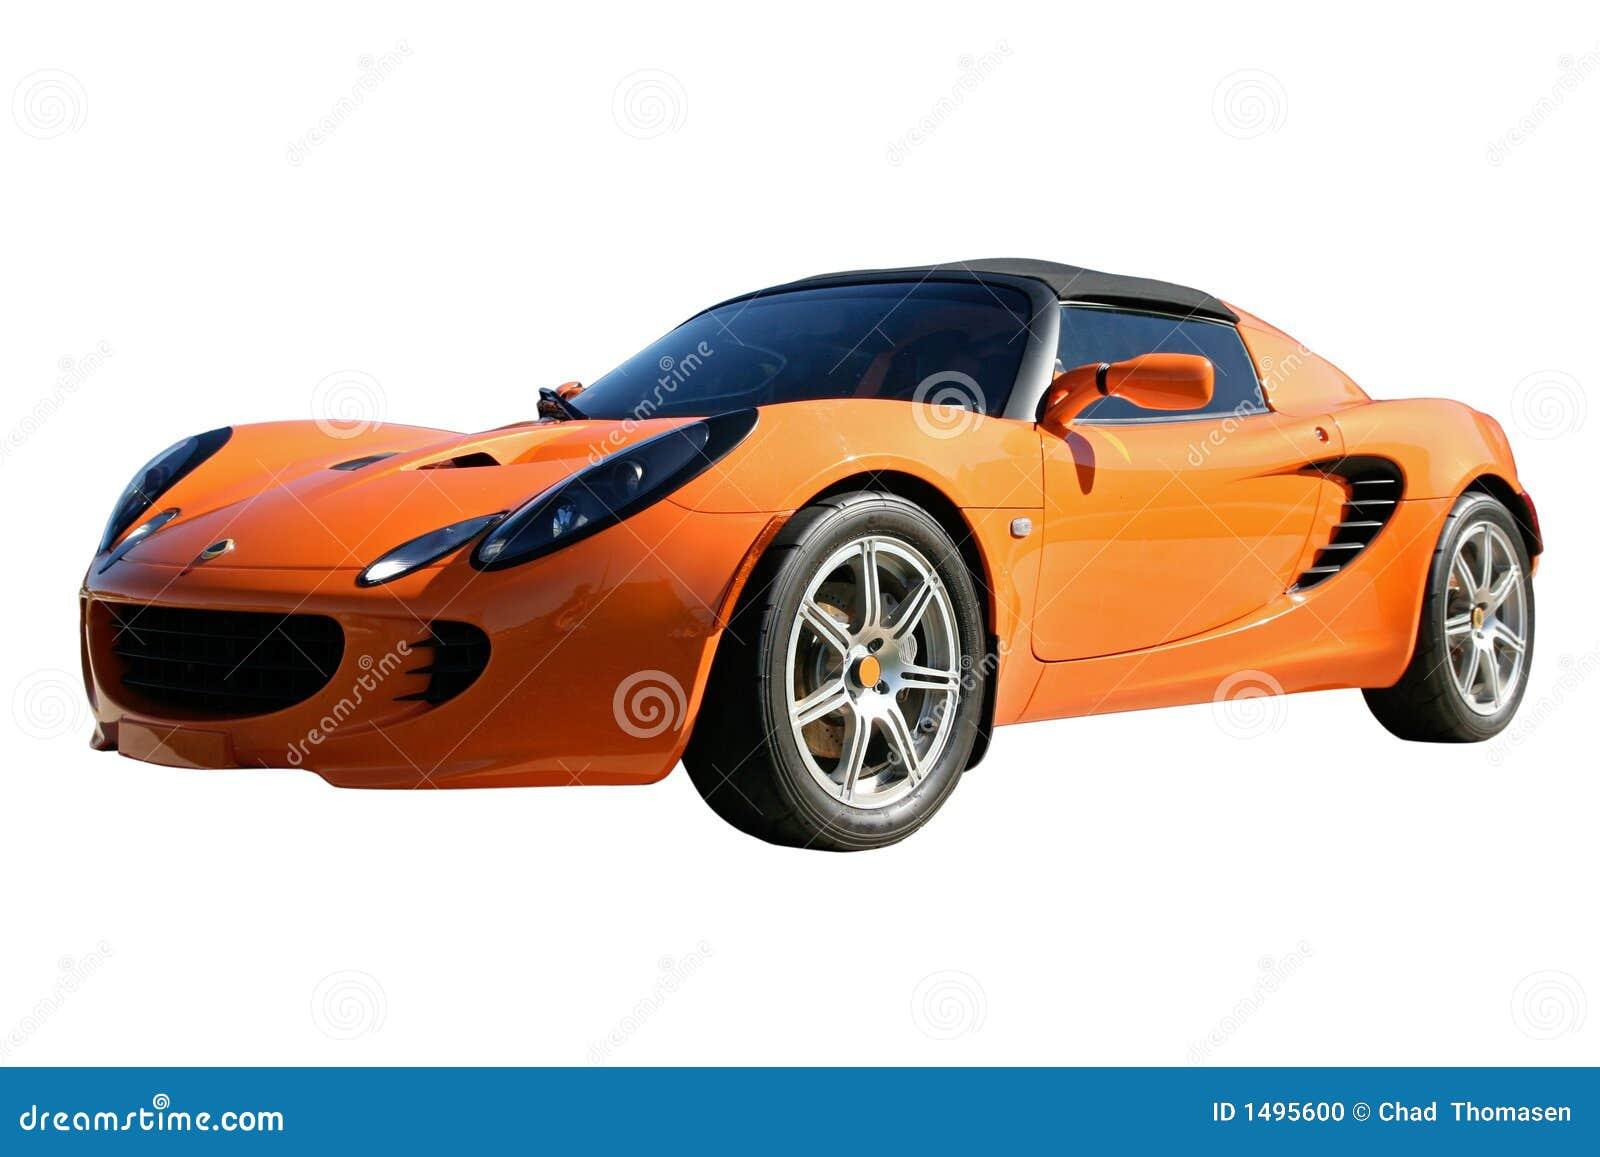 Orange Sports Car Stock Photo Image 1495600